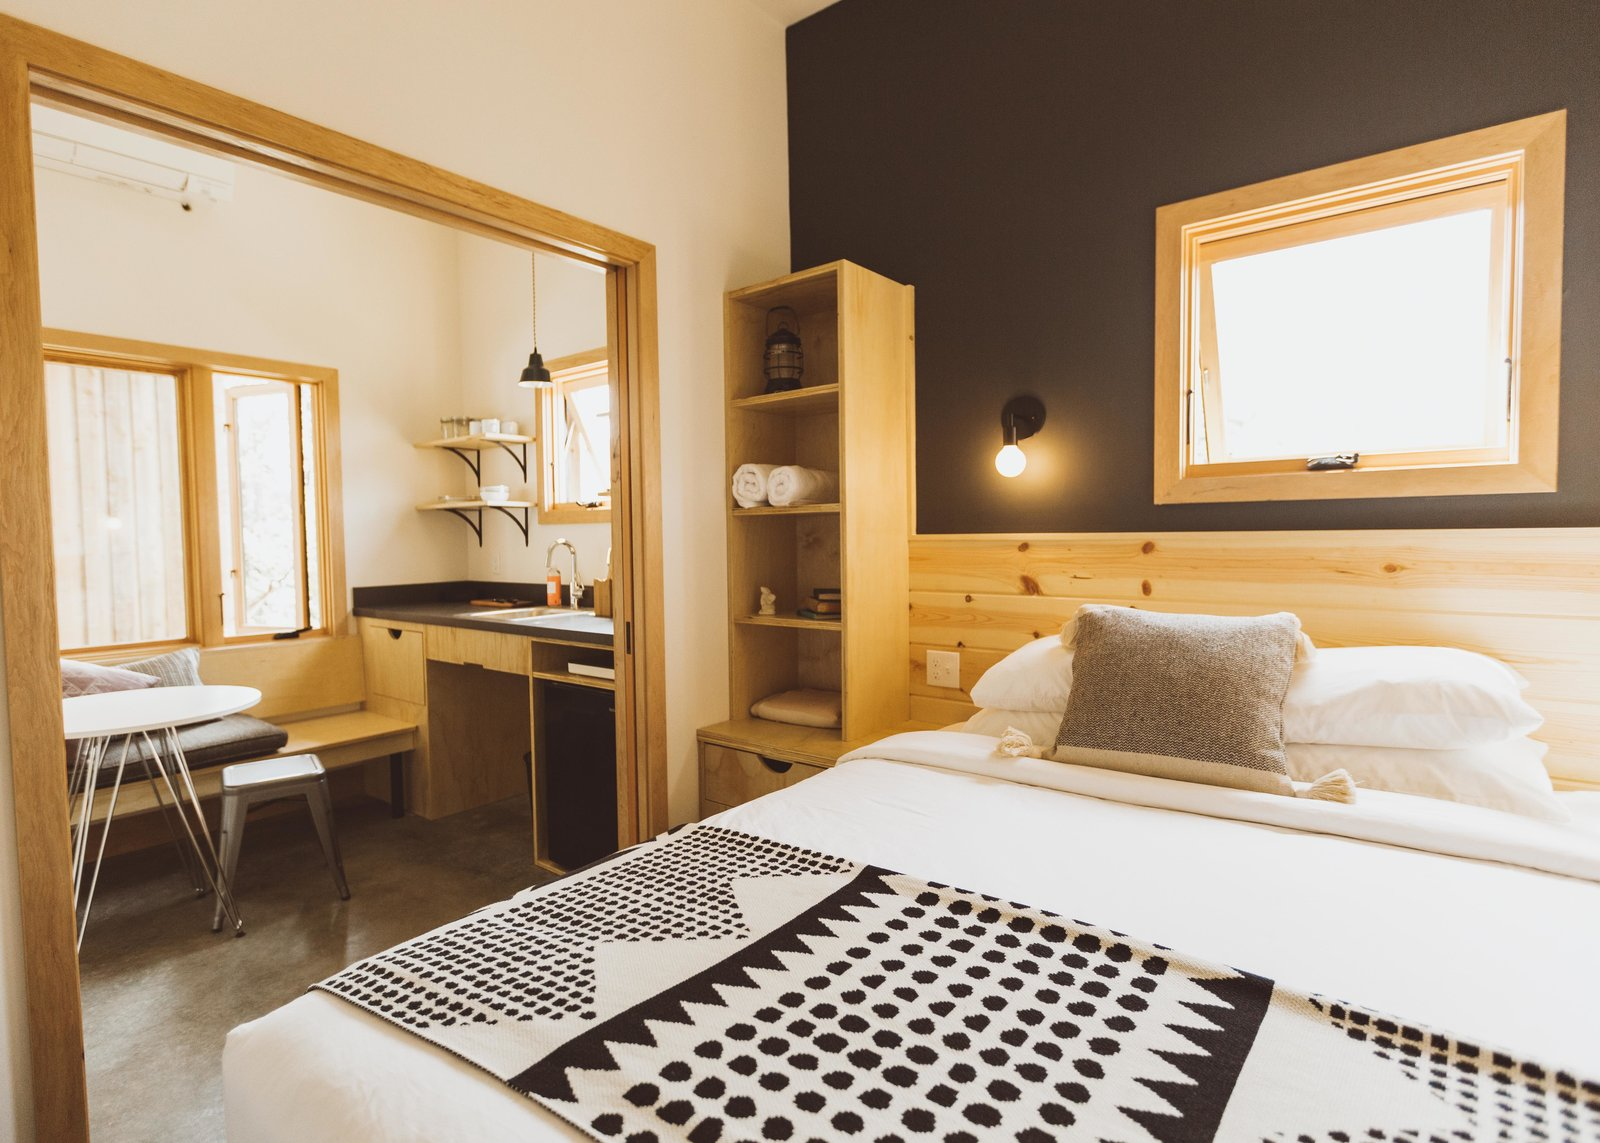 Society Hotel Bingen Waechter Architecture bedroom